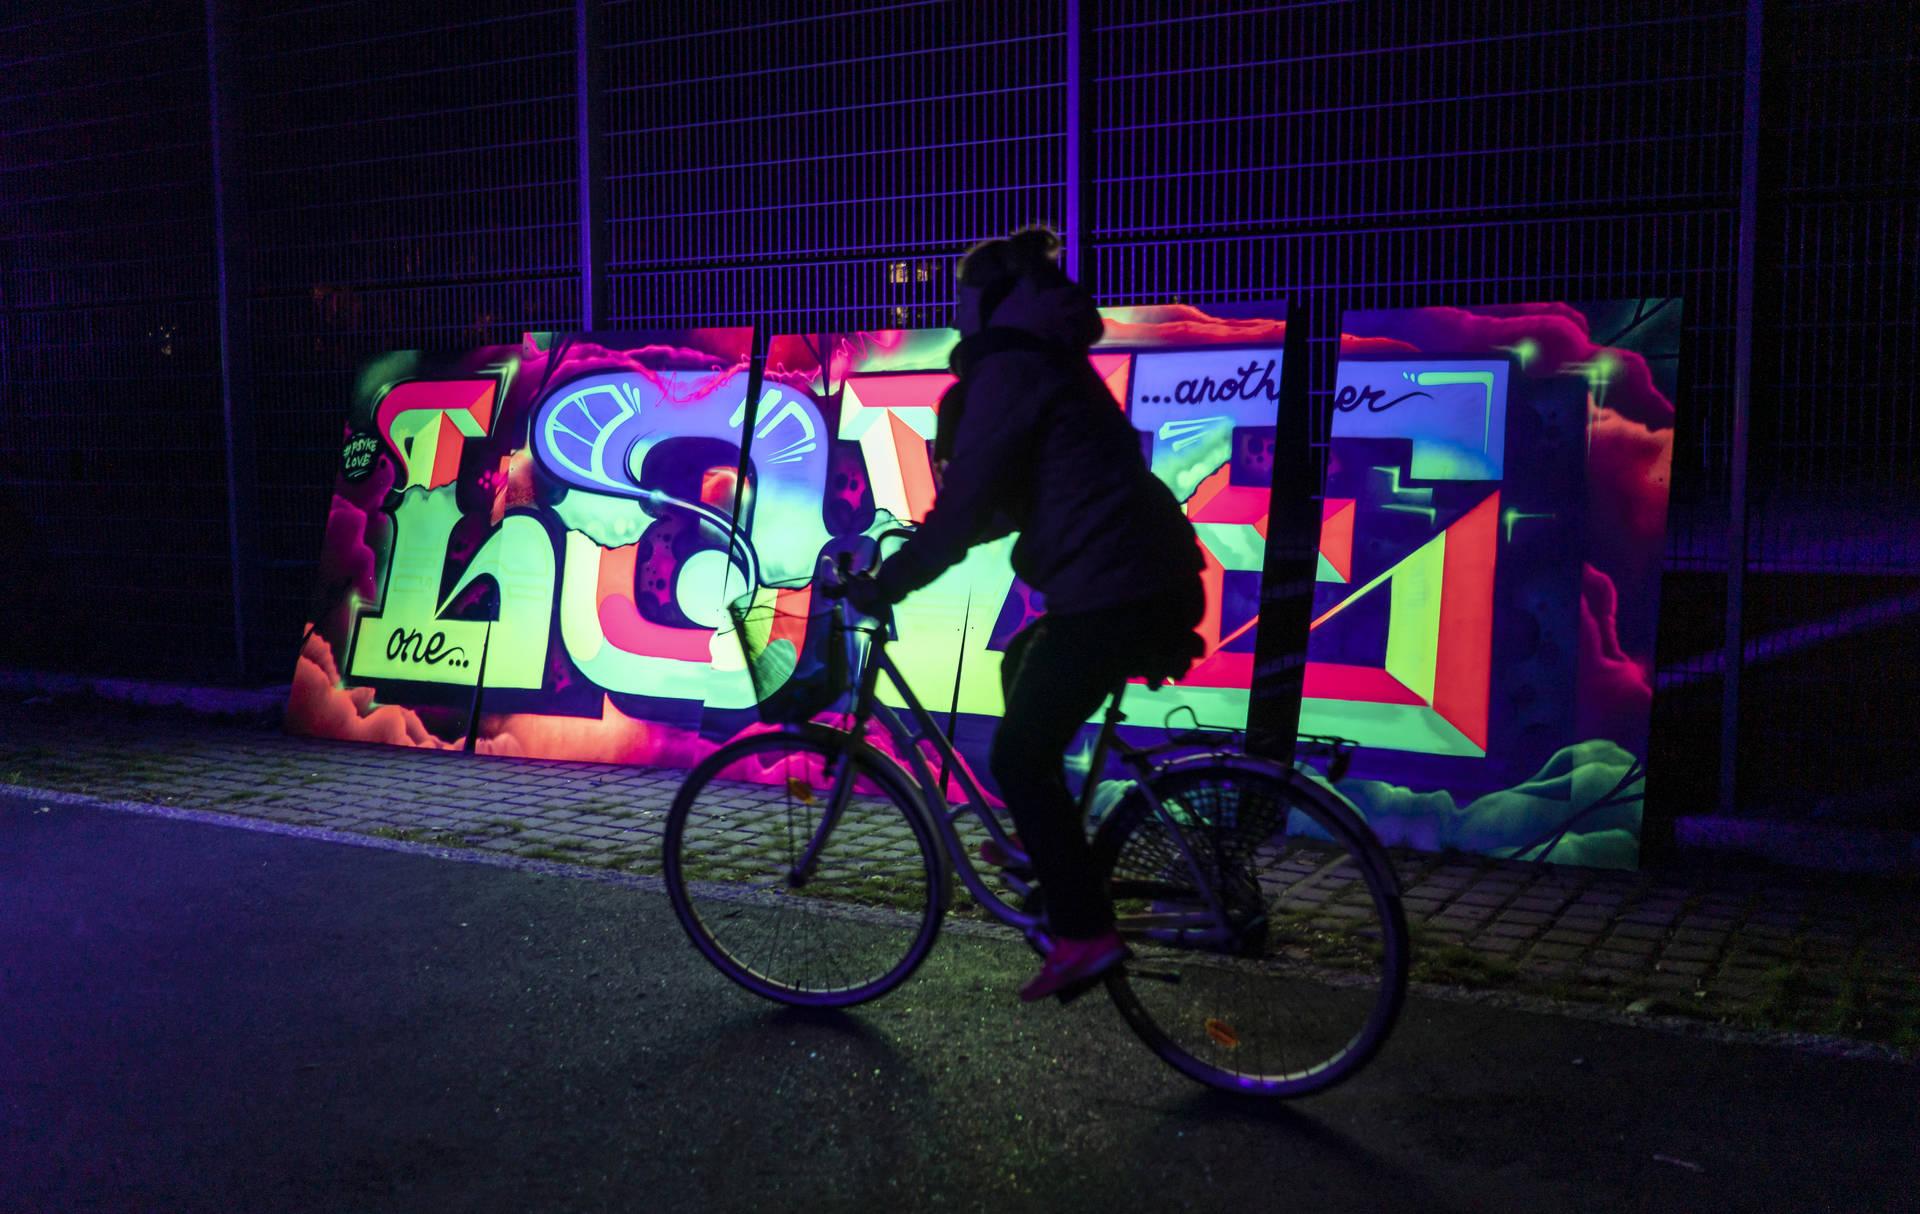 Reflektor Korso loistaa Vantaalla – tervetuloa valotaidefestivaalille!